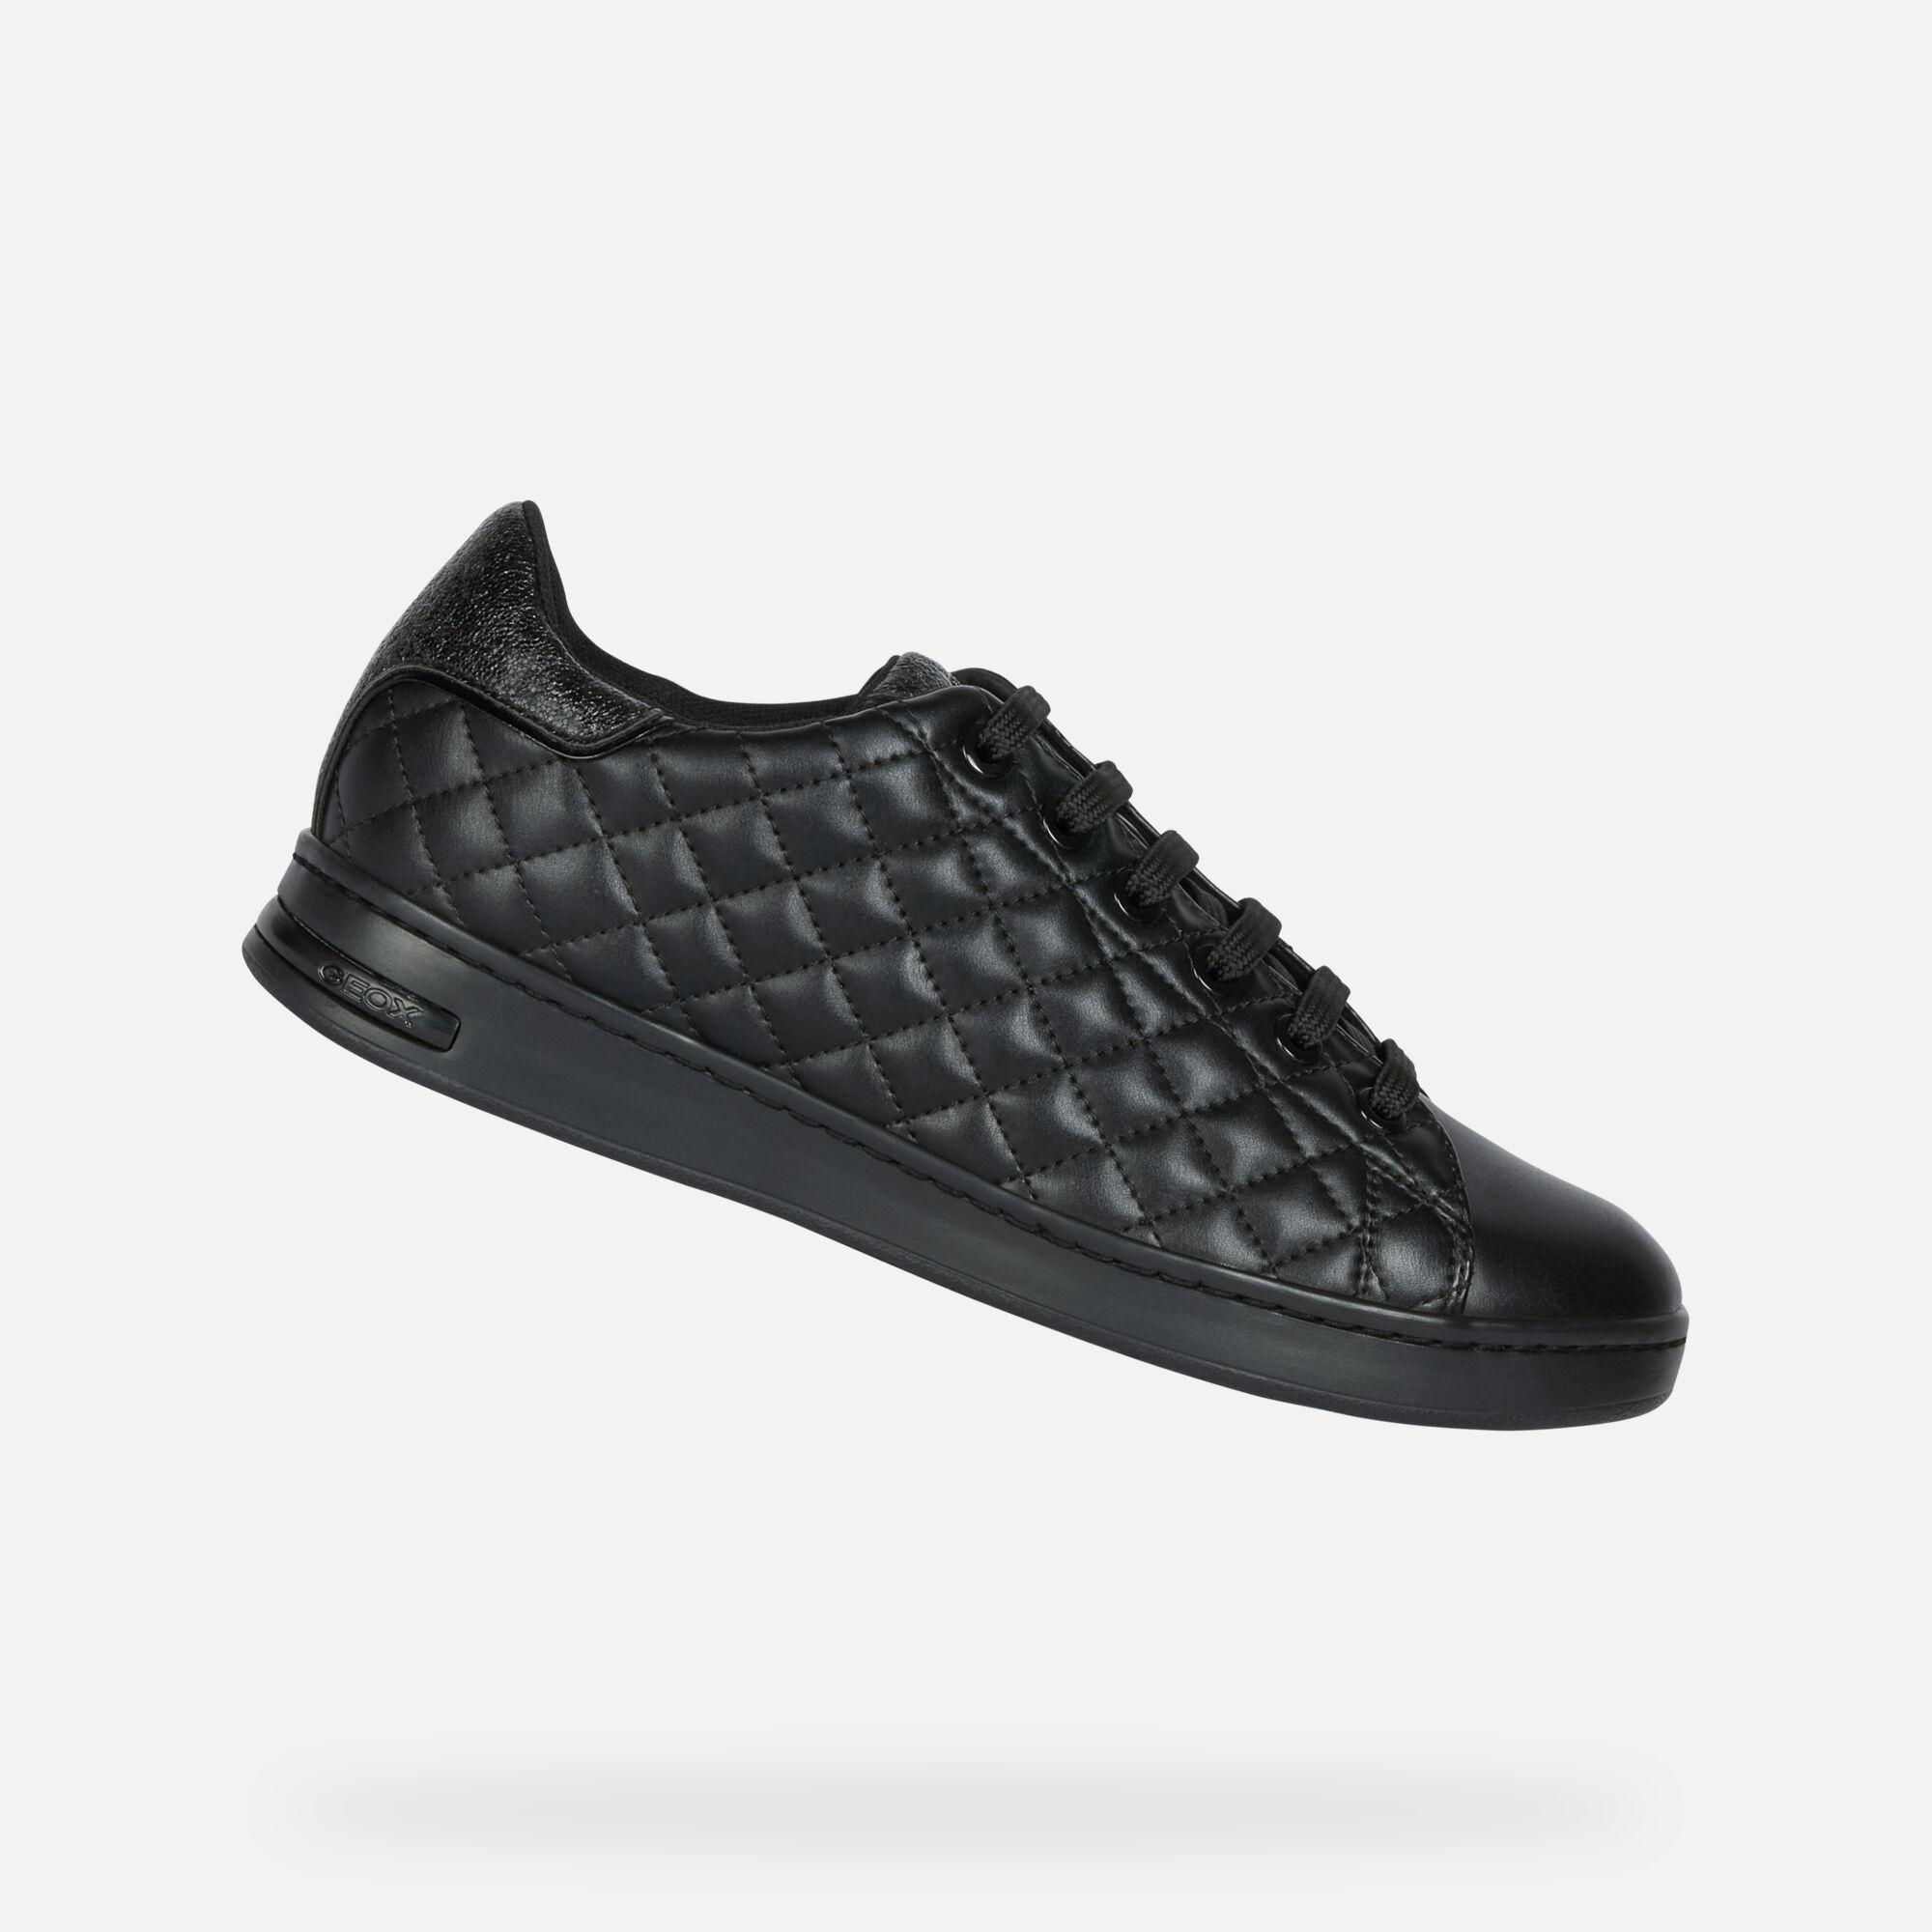 Geox JAYSEN Mujer: Sneakers Negros   Geox